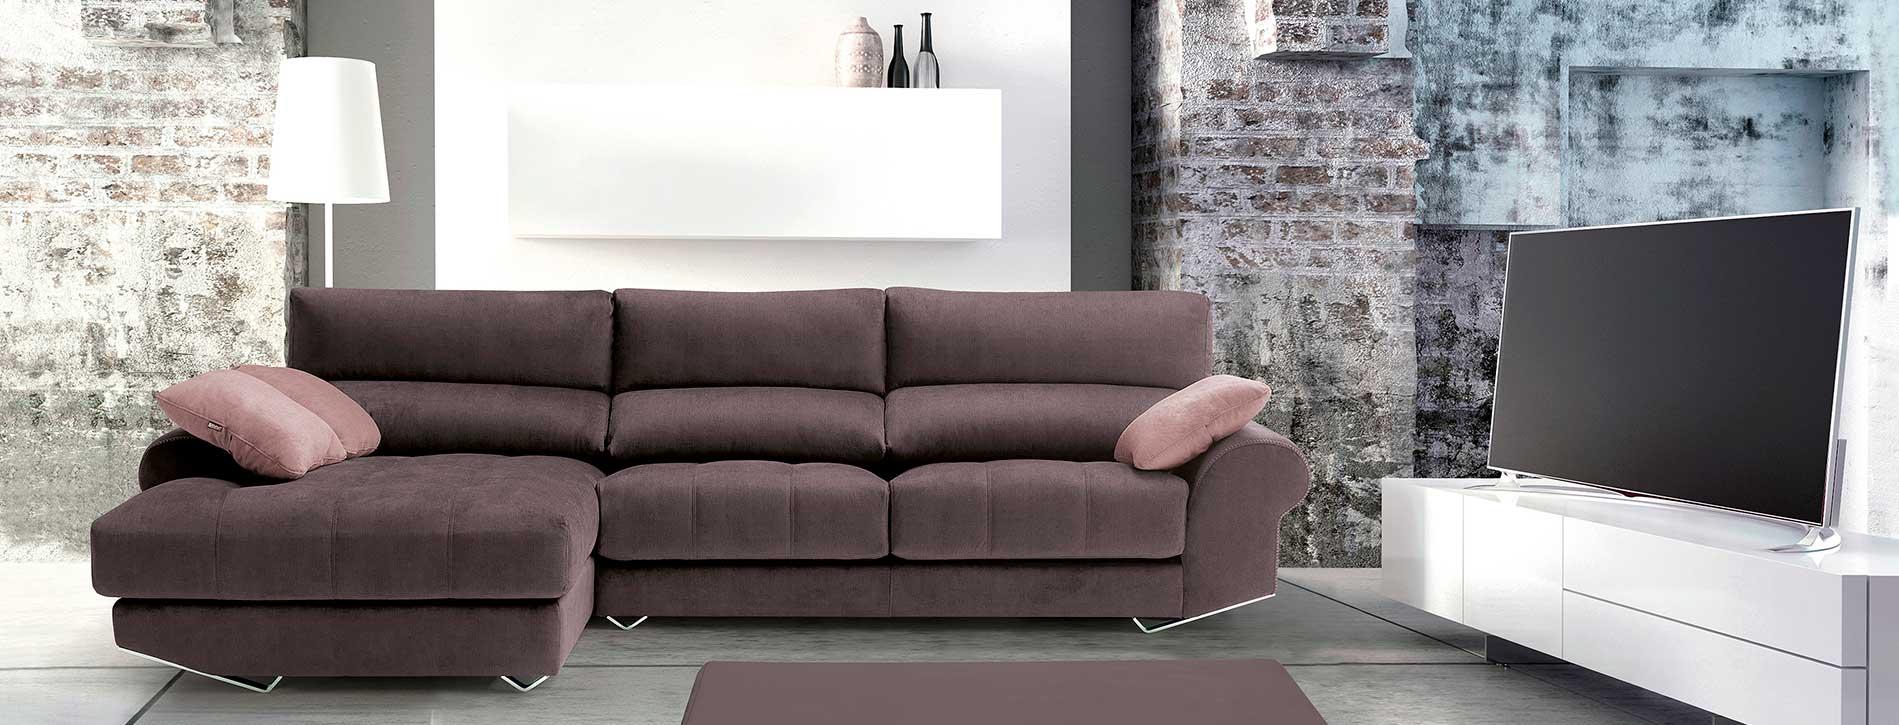 sofas-modernos-General-Divani-muebles-paco-caballero-1824-5cb617a262efe